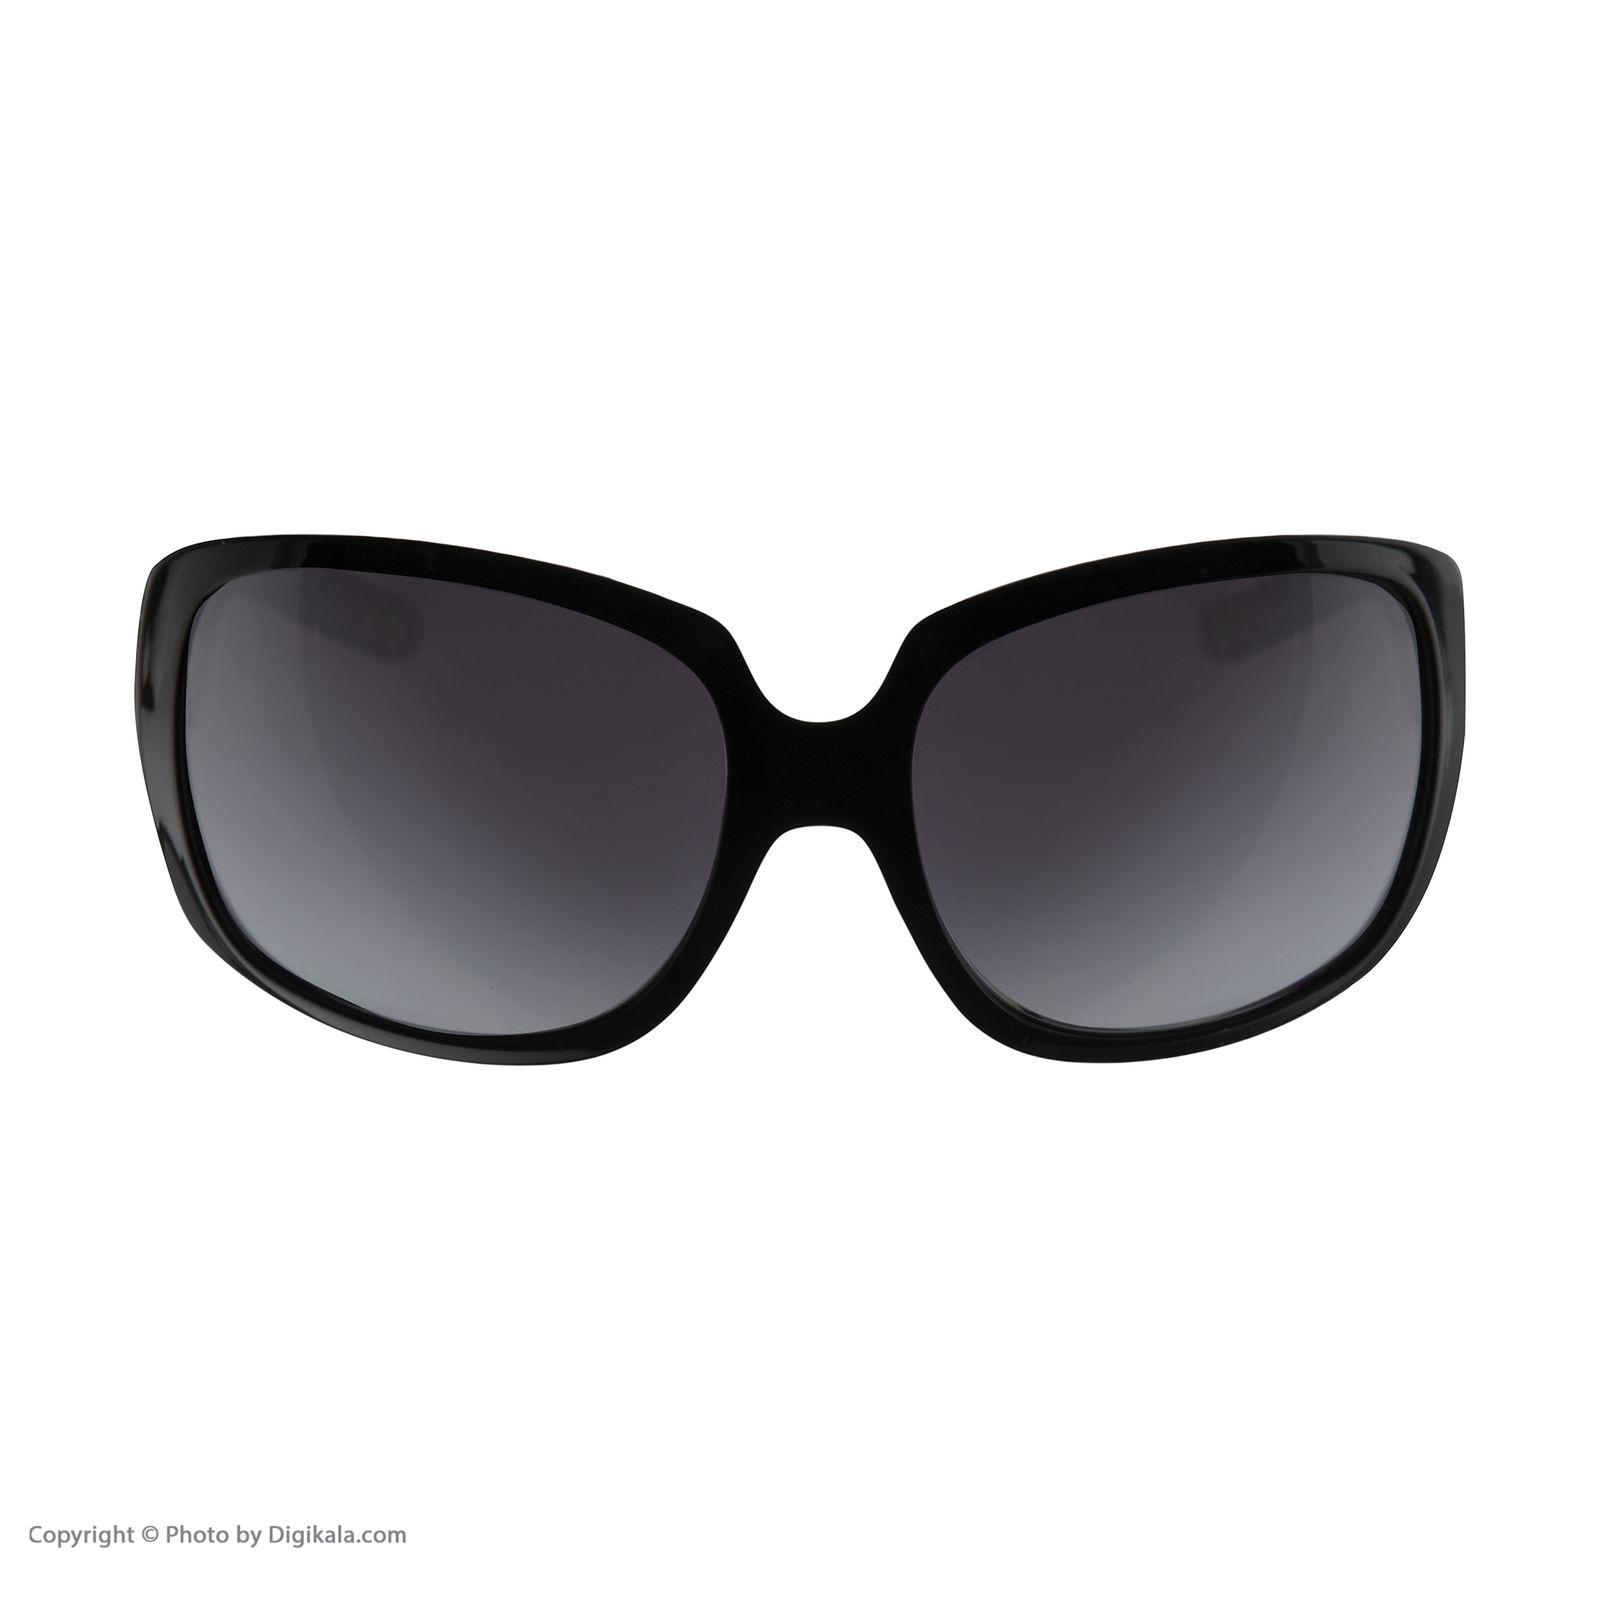 عینک آفتابی زنانه بربری مدل BE 4070S 300111 61 -  - 3